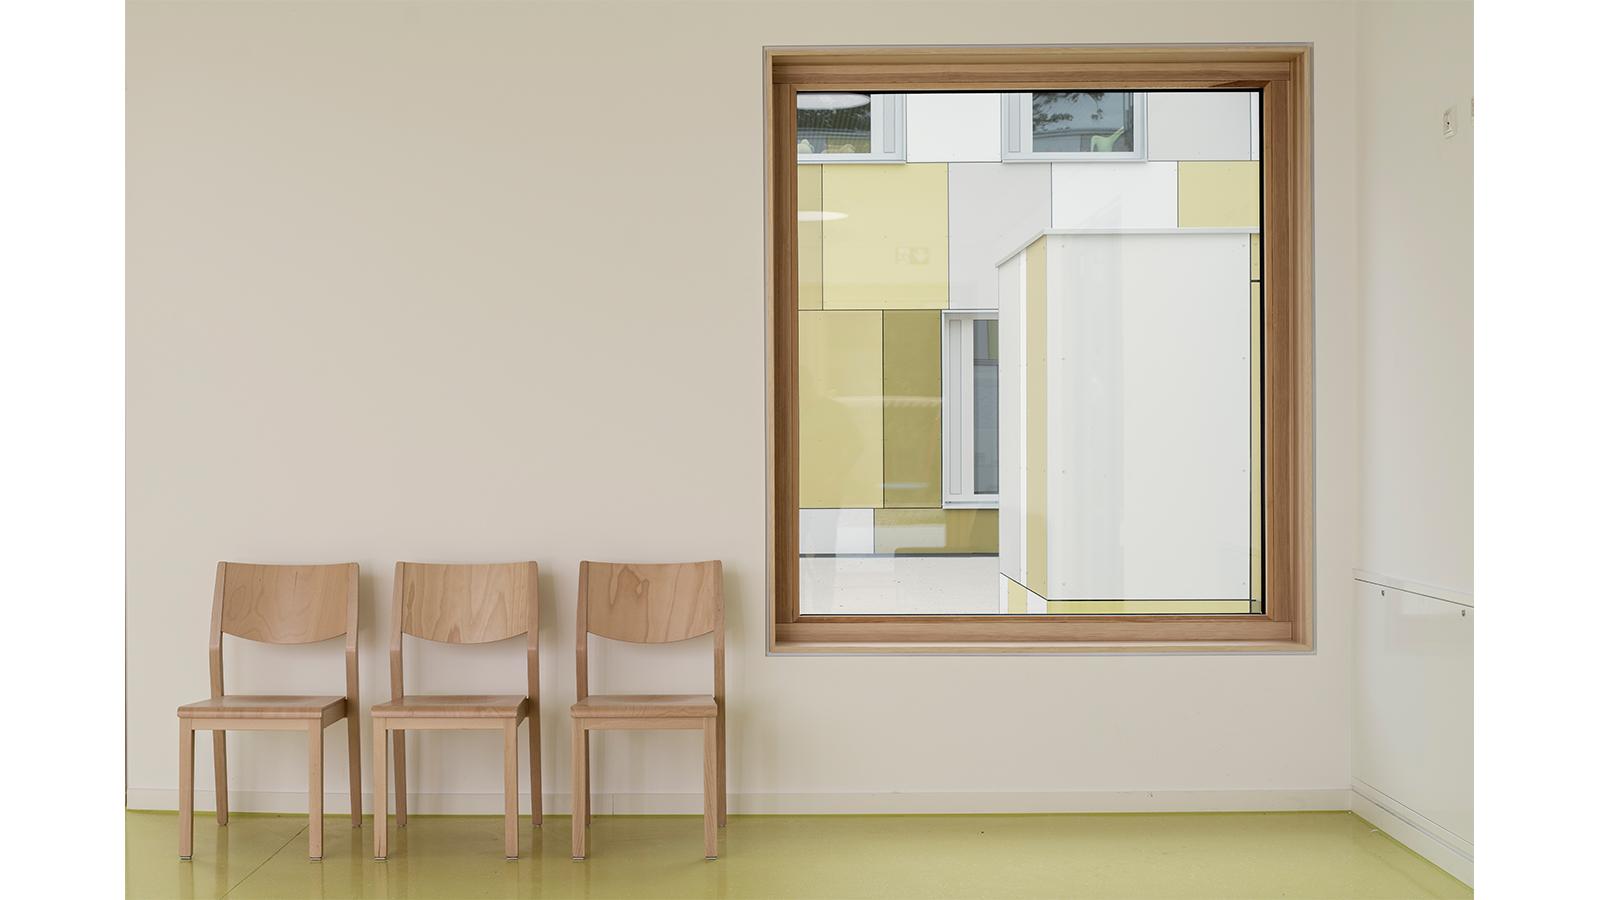 h2m-architekten-kinder-und-jugendpsychiatrie-innenansicht-erdgeschoss